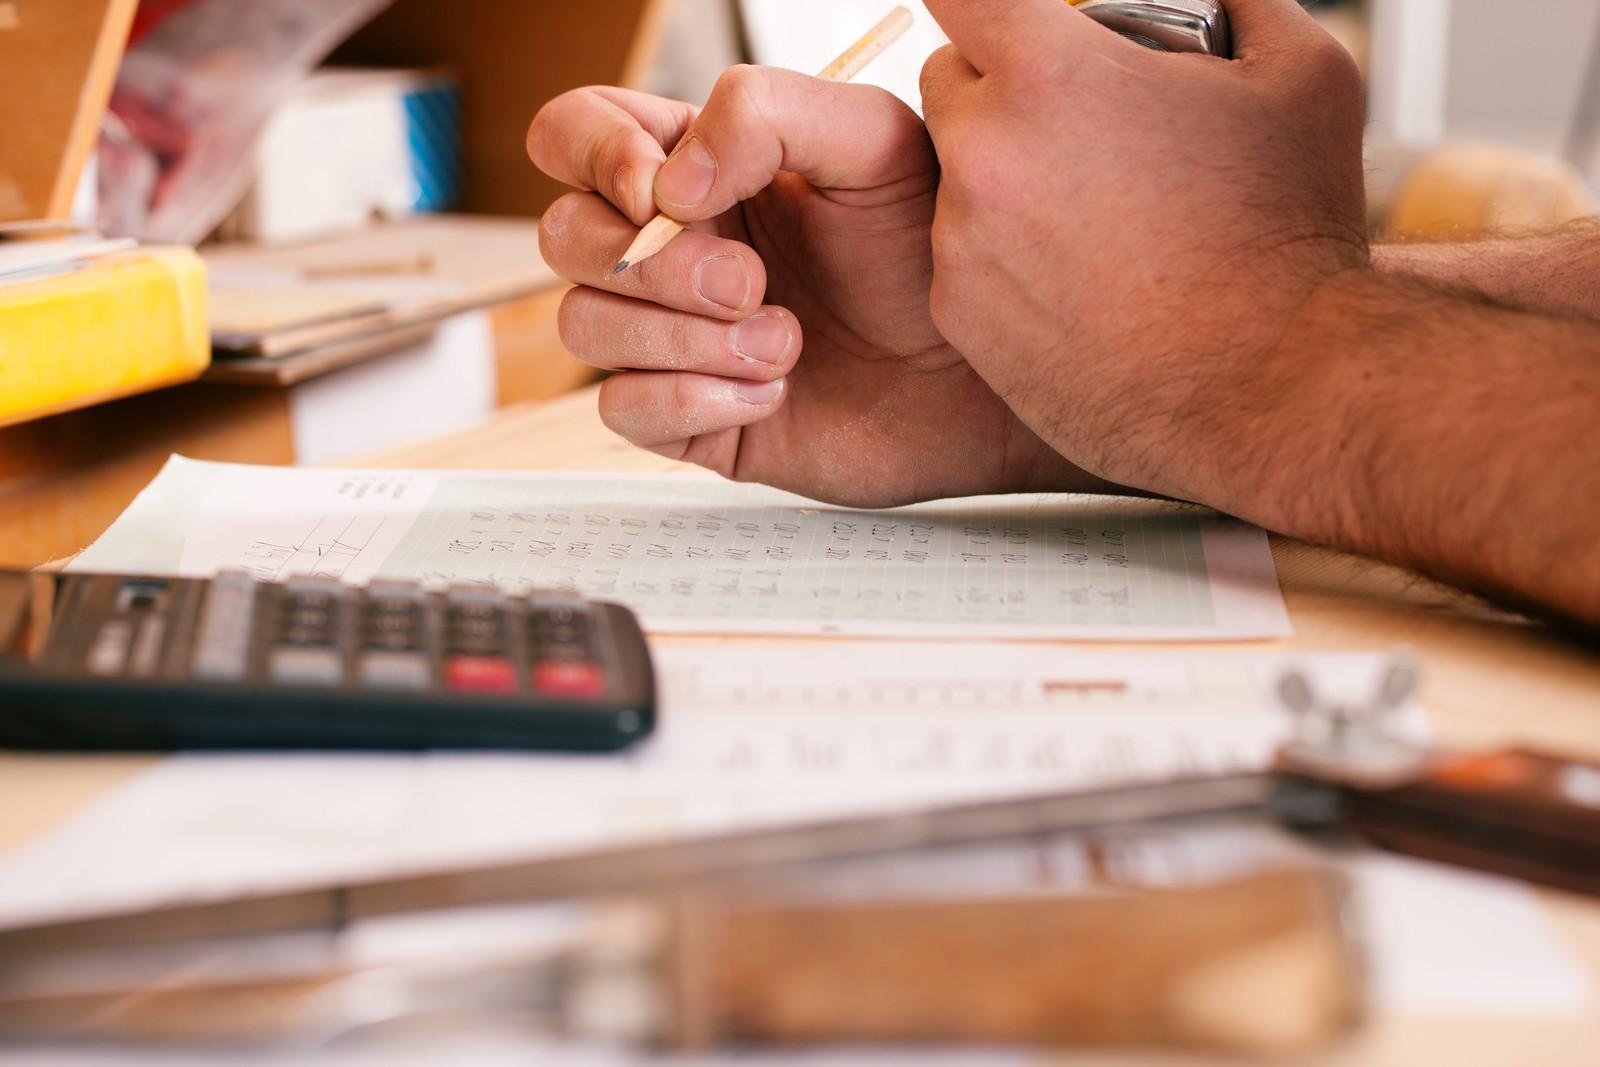 Handwerker dürfen grundsätzlich vom Kostenvoranschlag abweichen. Doch dabei sollten sie einiges beachten.